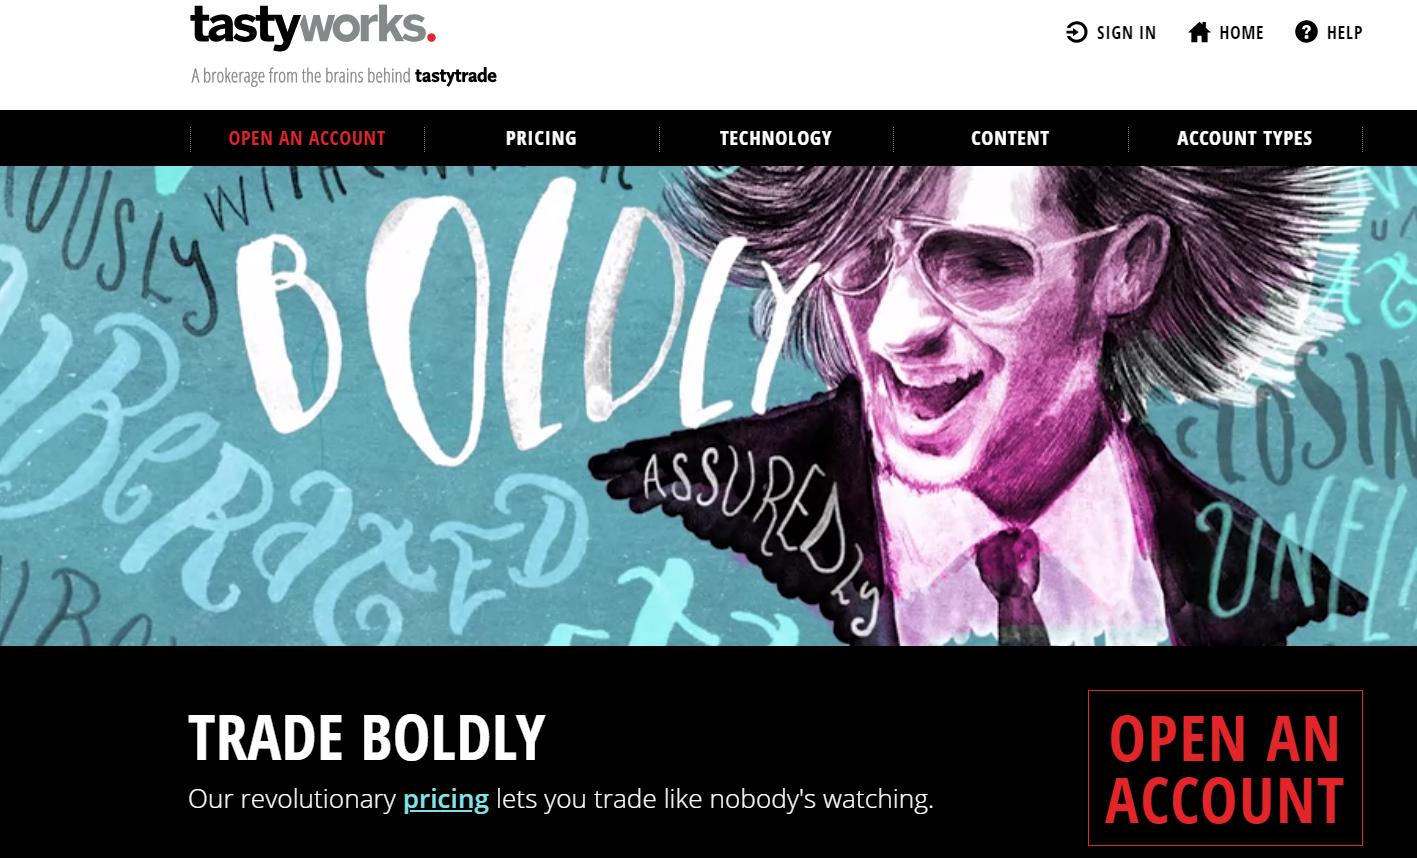 tastyworks homepage